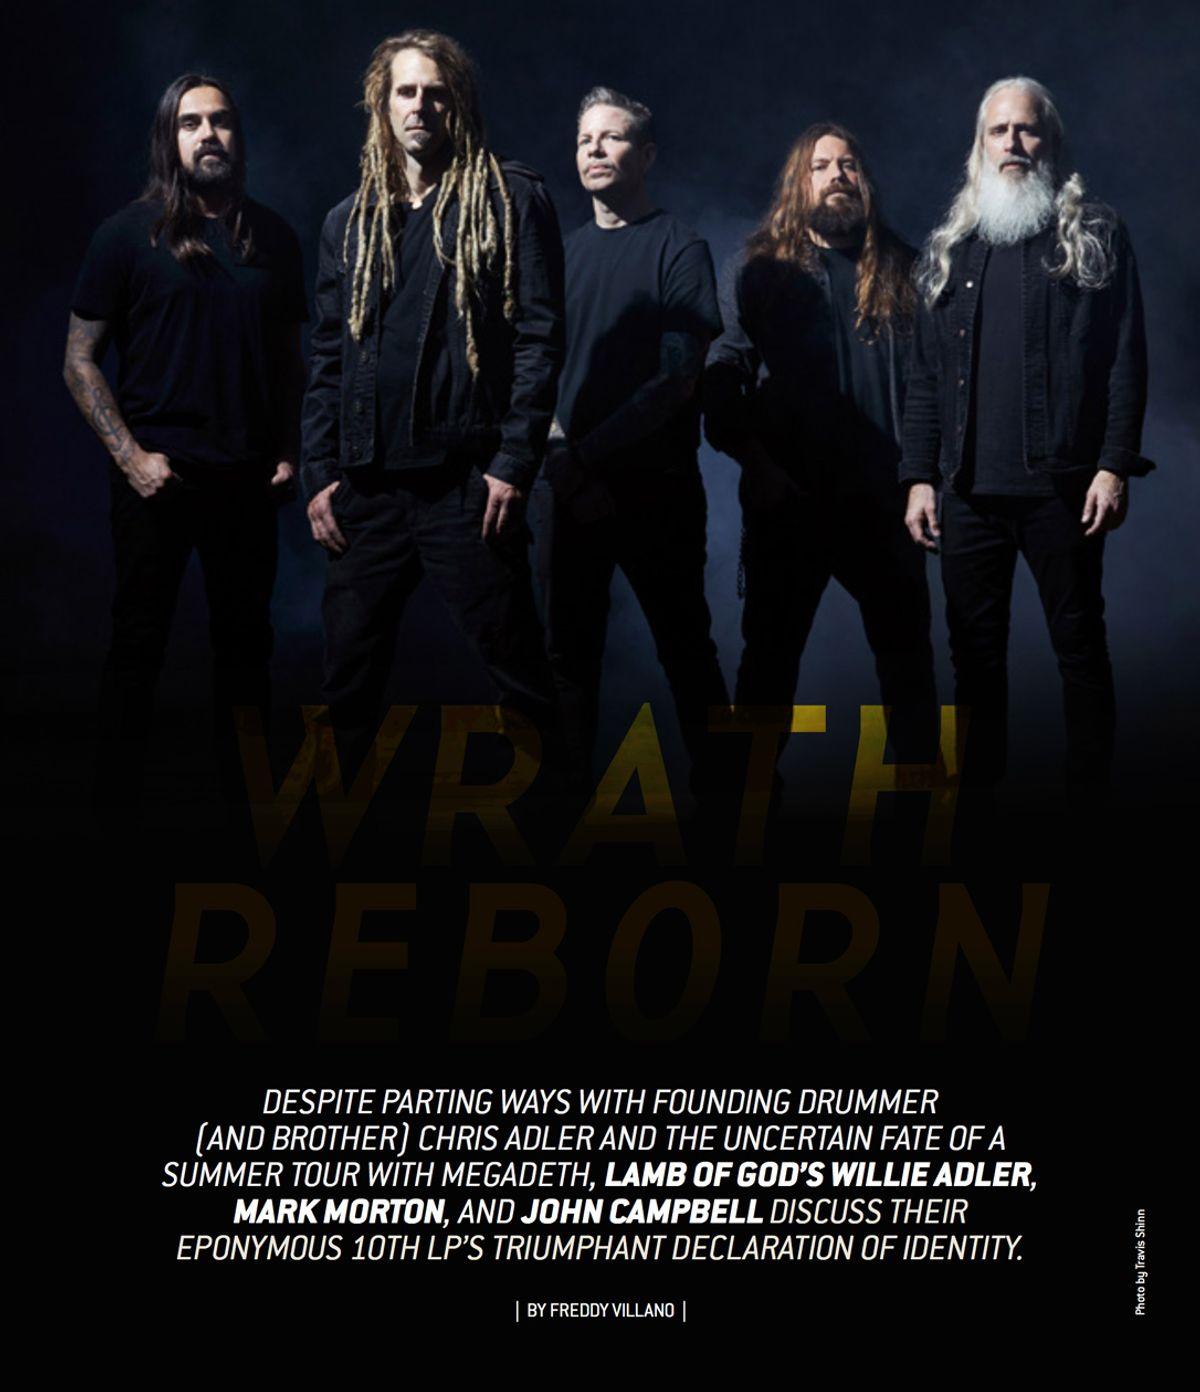 Wrath Reborn: Lamb of God's Willie Adler, Mark Morton & John Campbell